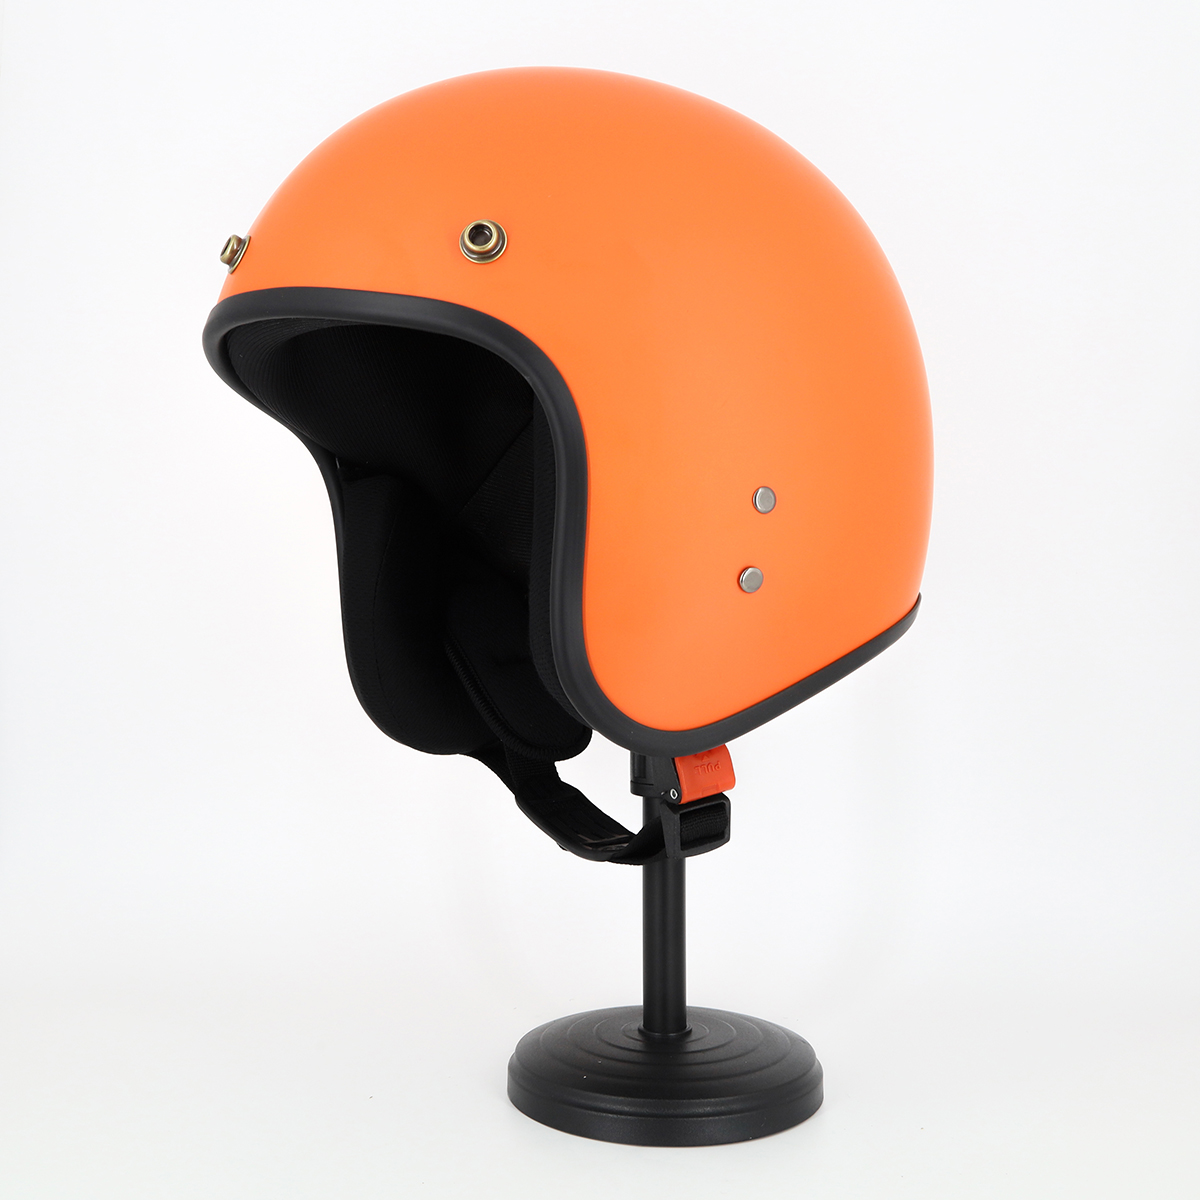 Mũ Bảo Hiểm SRT 3/4 Chuyên Phượt Trơn Không Họa Tiết Kèm Lưỡi Chai Chống Nắng, Chống Chói, Mưa Hắt